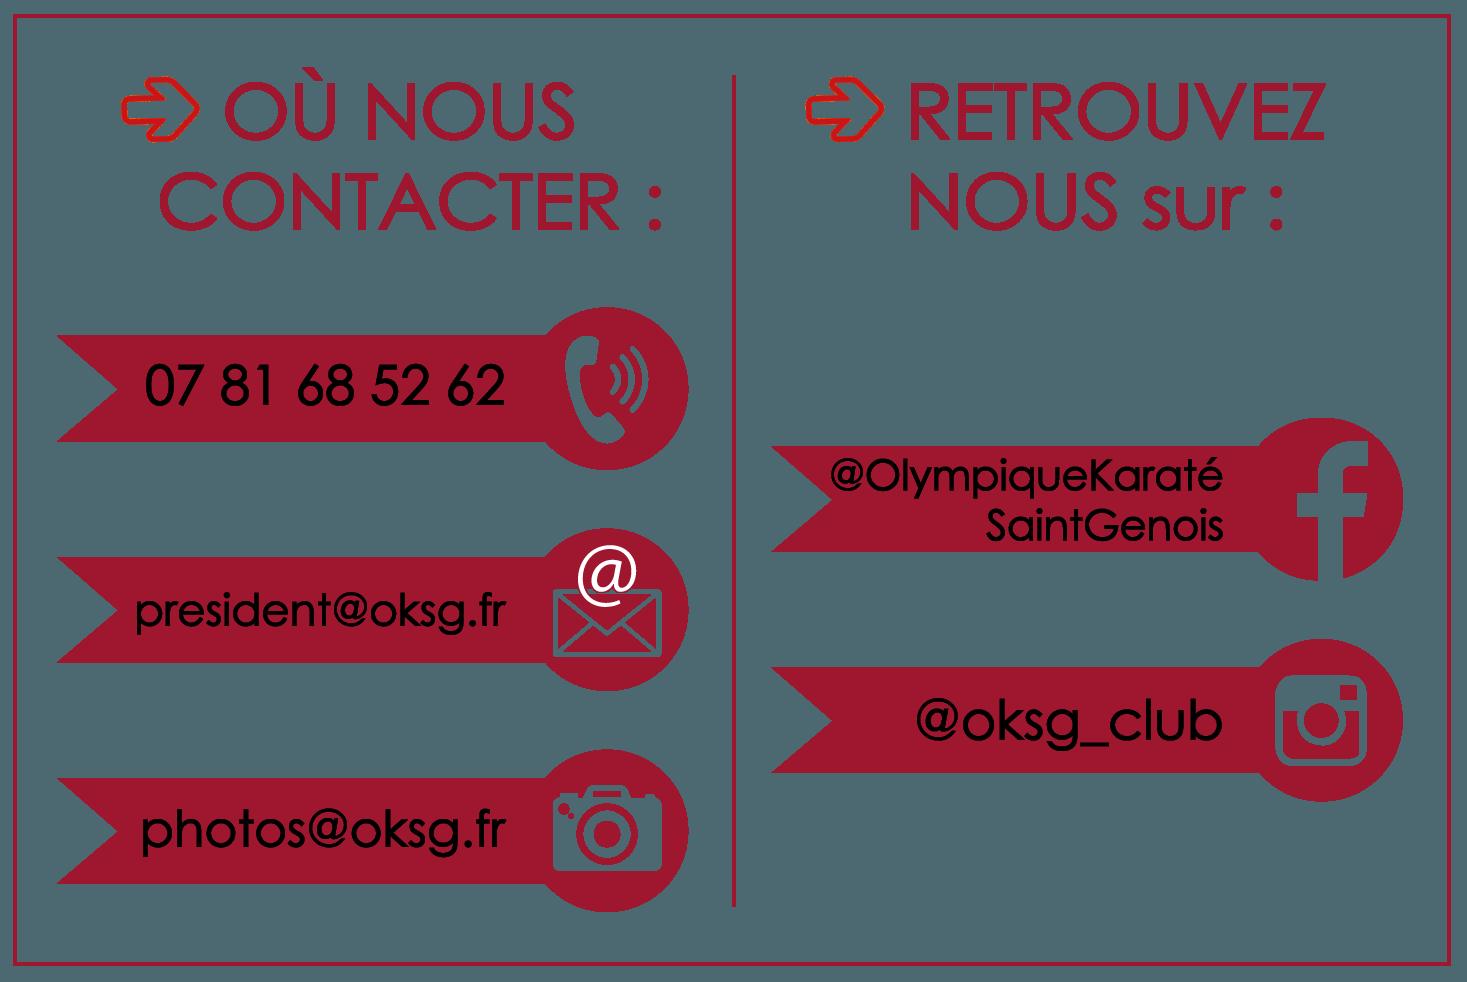 Contacter l'OKSG